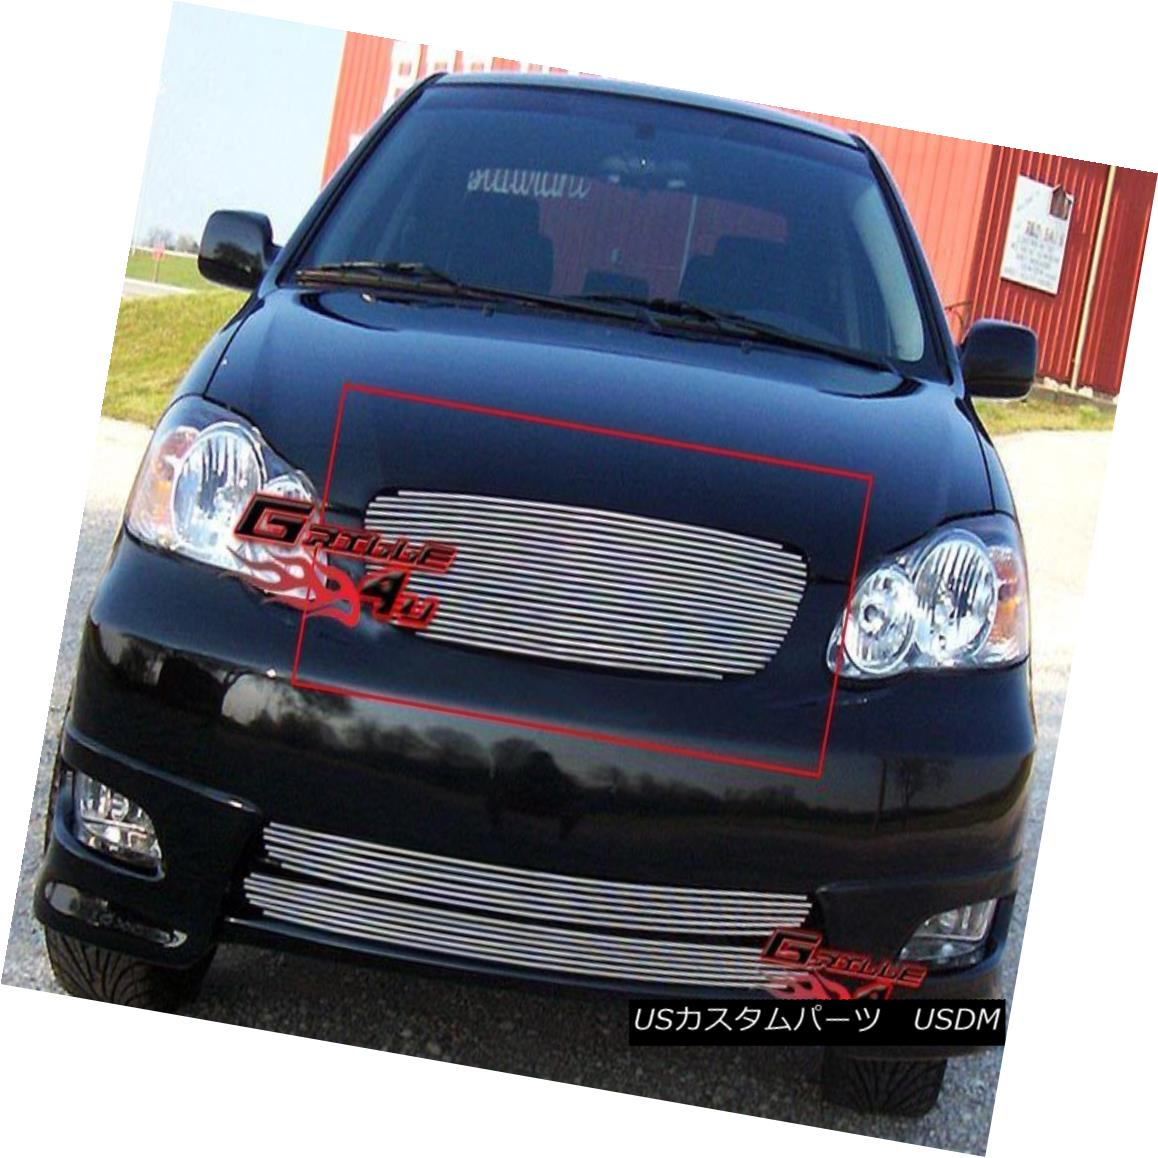 グリル Fits 2003-2004 Toyota Corolla Main Upper Billet Grille Grill Insert フィット2003-2004トヨタカローラメインアッパービレットグリルグリルインサート